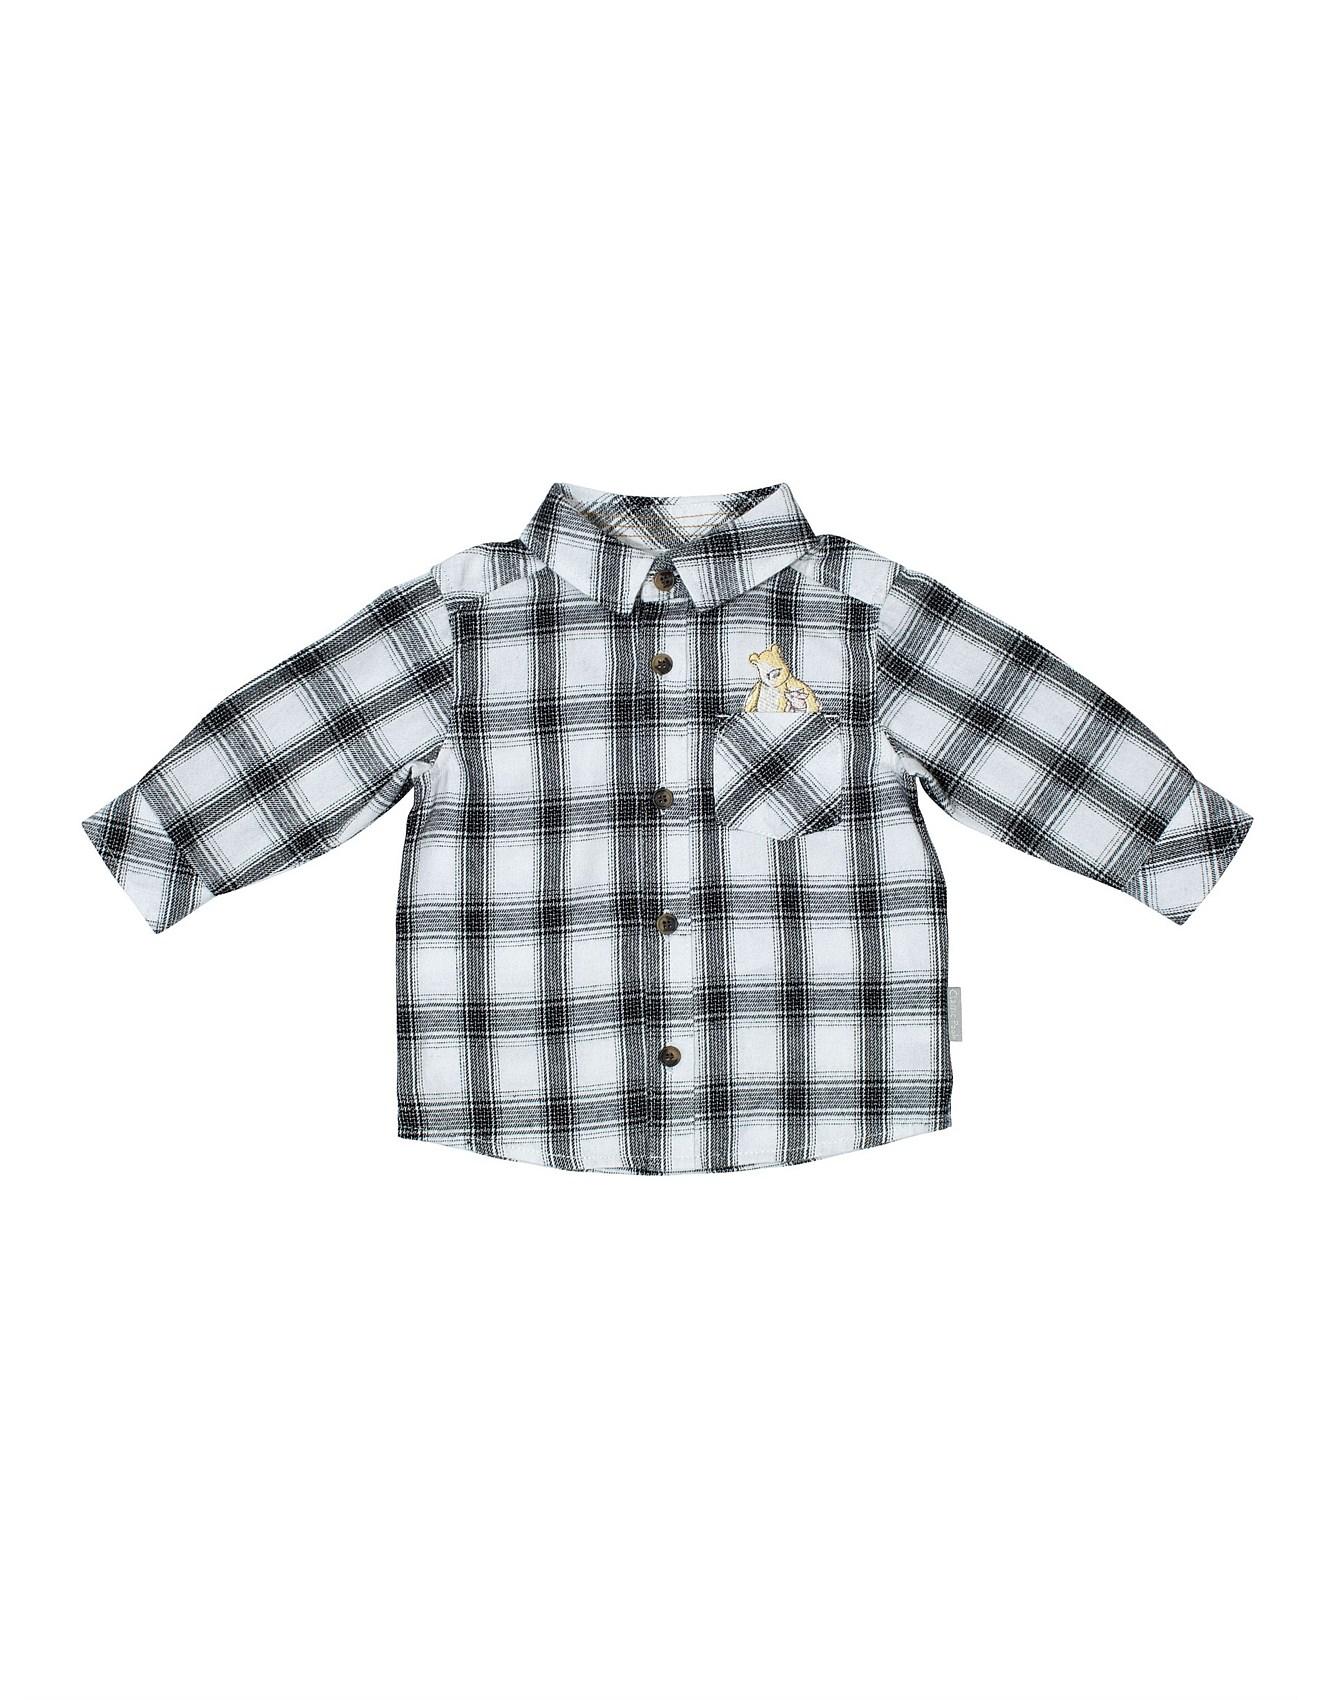 e260b51a Baby Clothing | Baby Boy & Baby Girl Clothes | David Jones - Checked ...